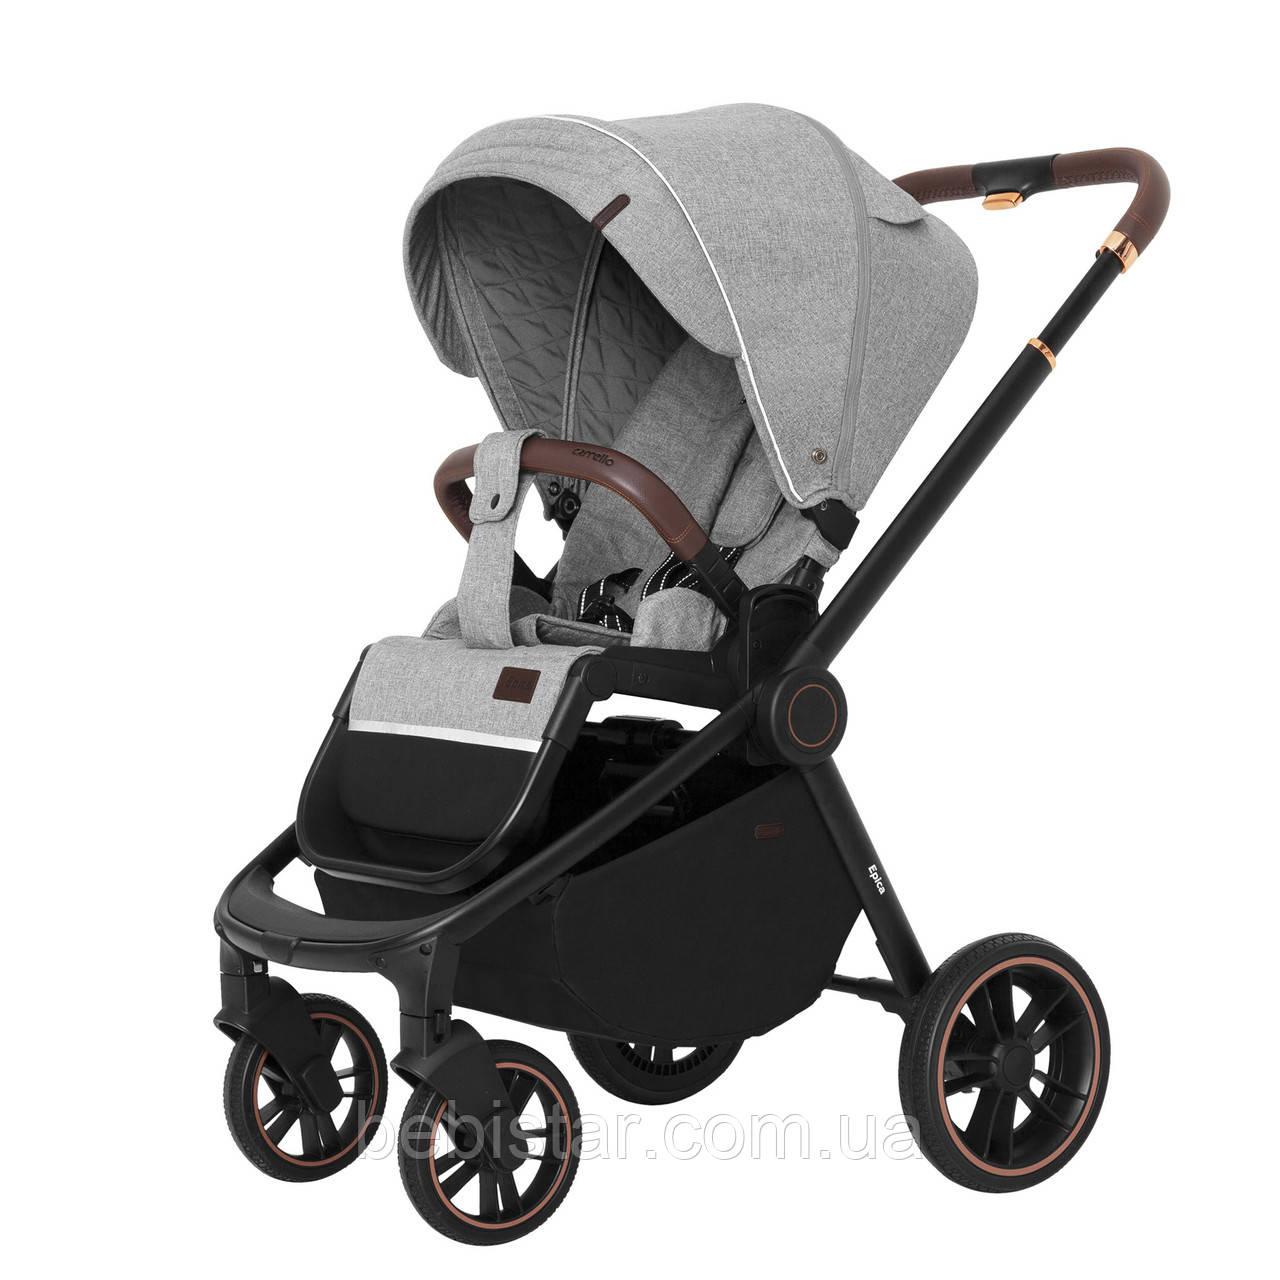 Прогулочная детская коляска серая Carrello Epicа черная рама утепленный чехол на ножки дождевик